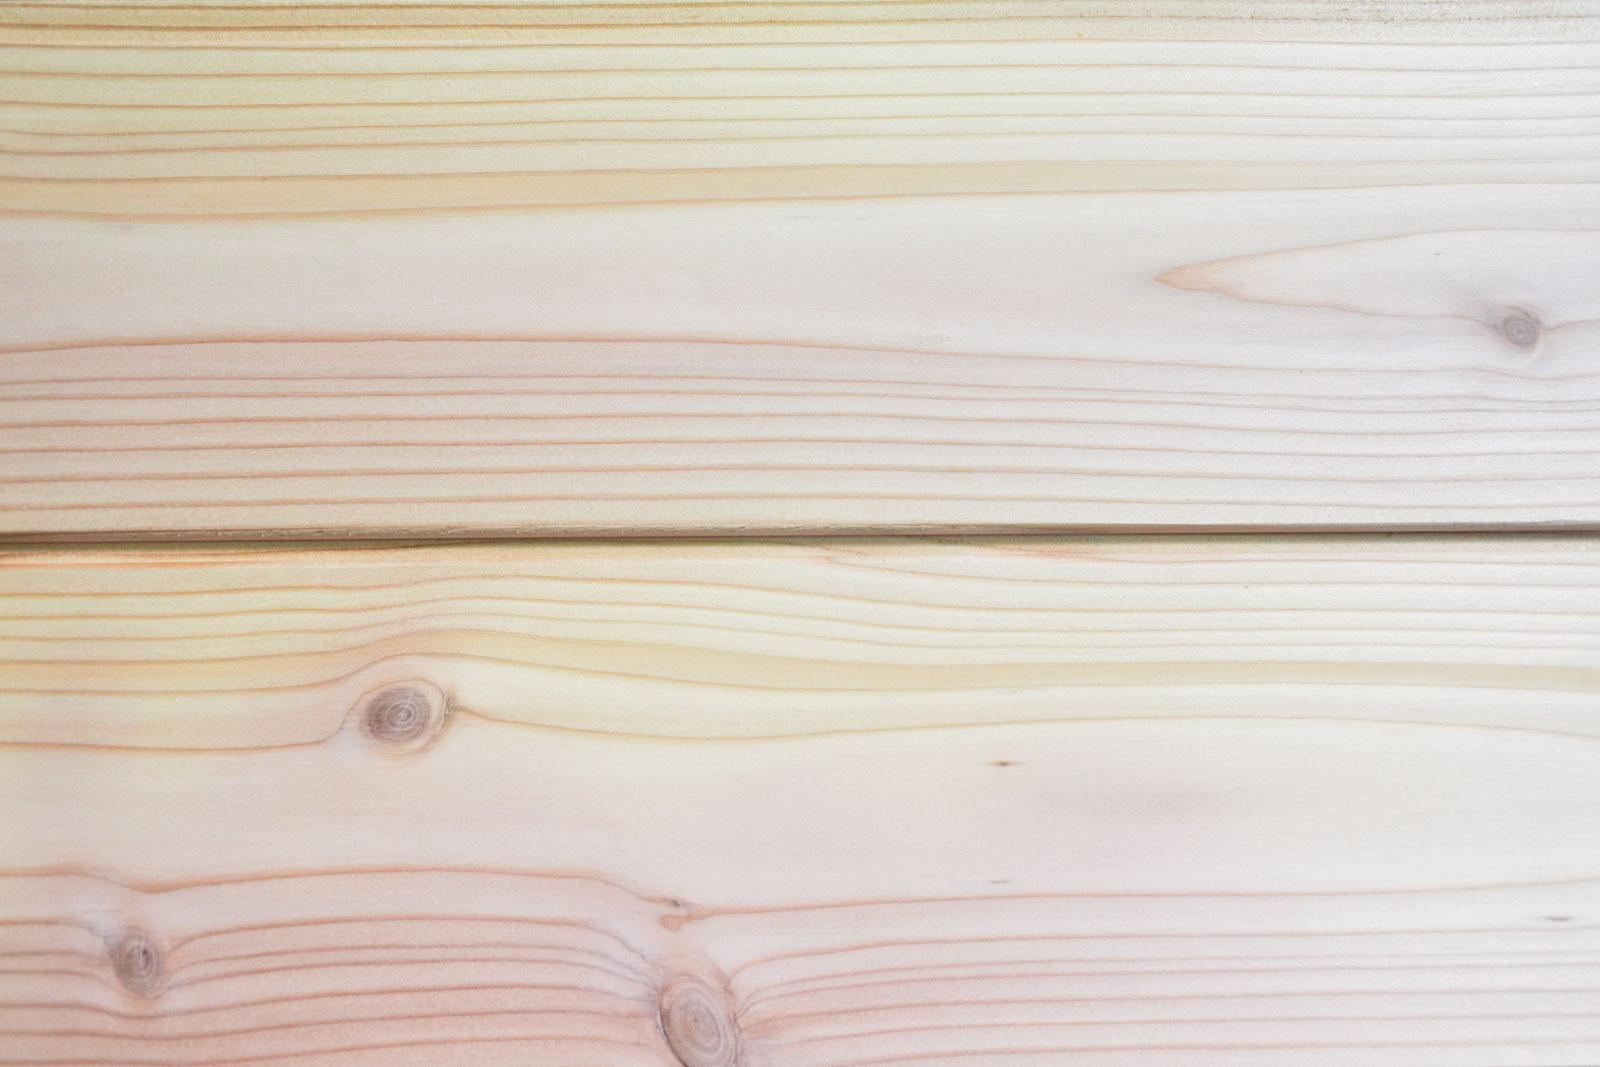 17-010 信州からまつ壁板(EK-C106H)1束(16枚入り)  株式会社第三木材(長野県東御市)